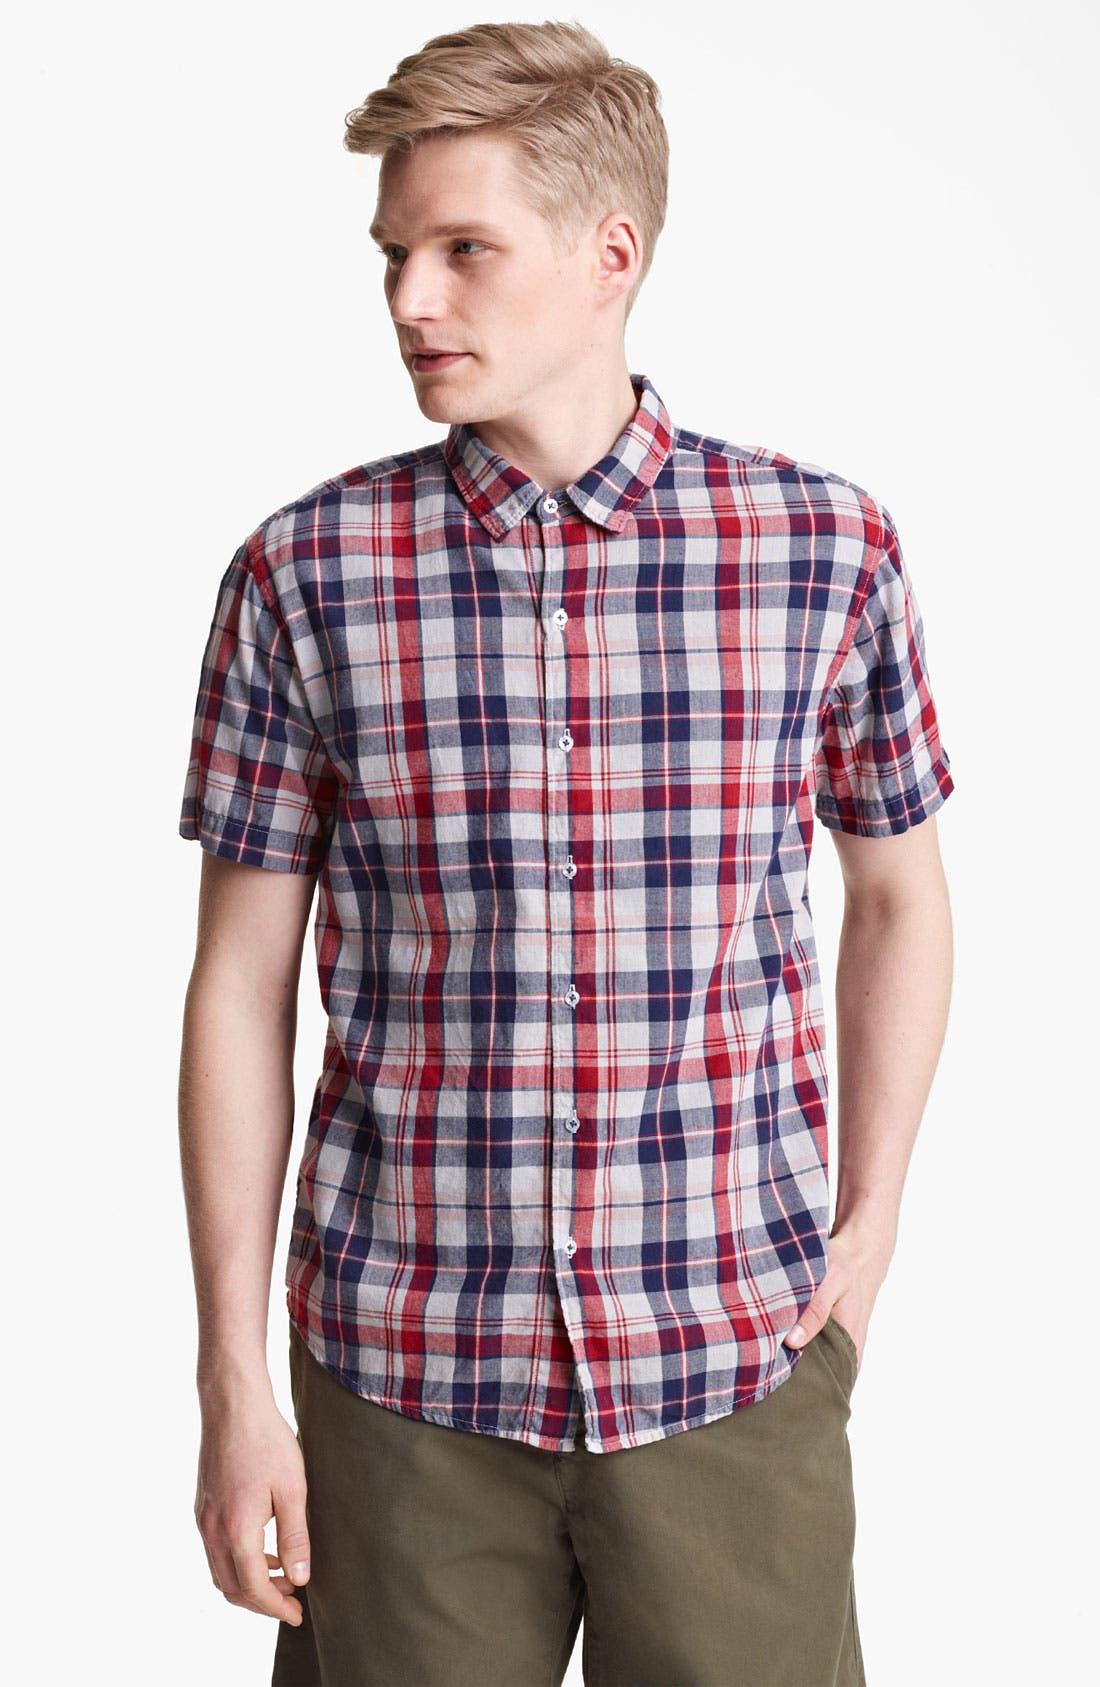 Main Image - Save Khaki Madras Plaid Cotton Shirt